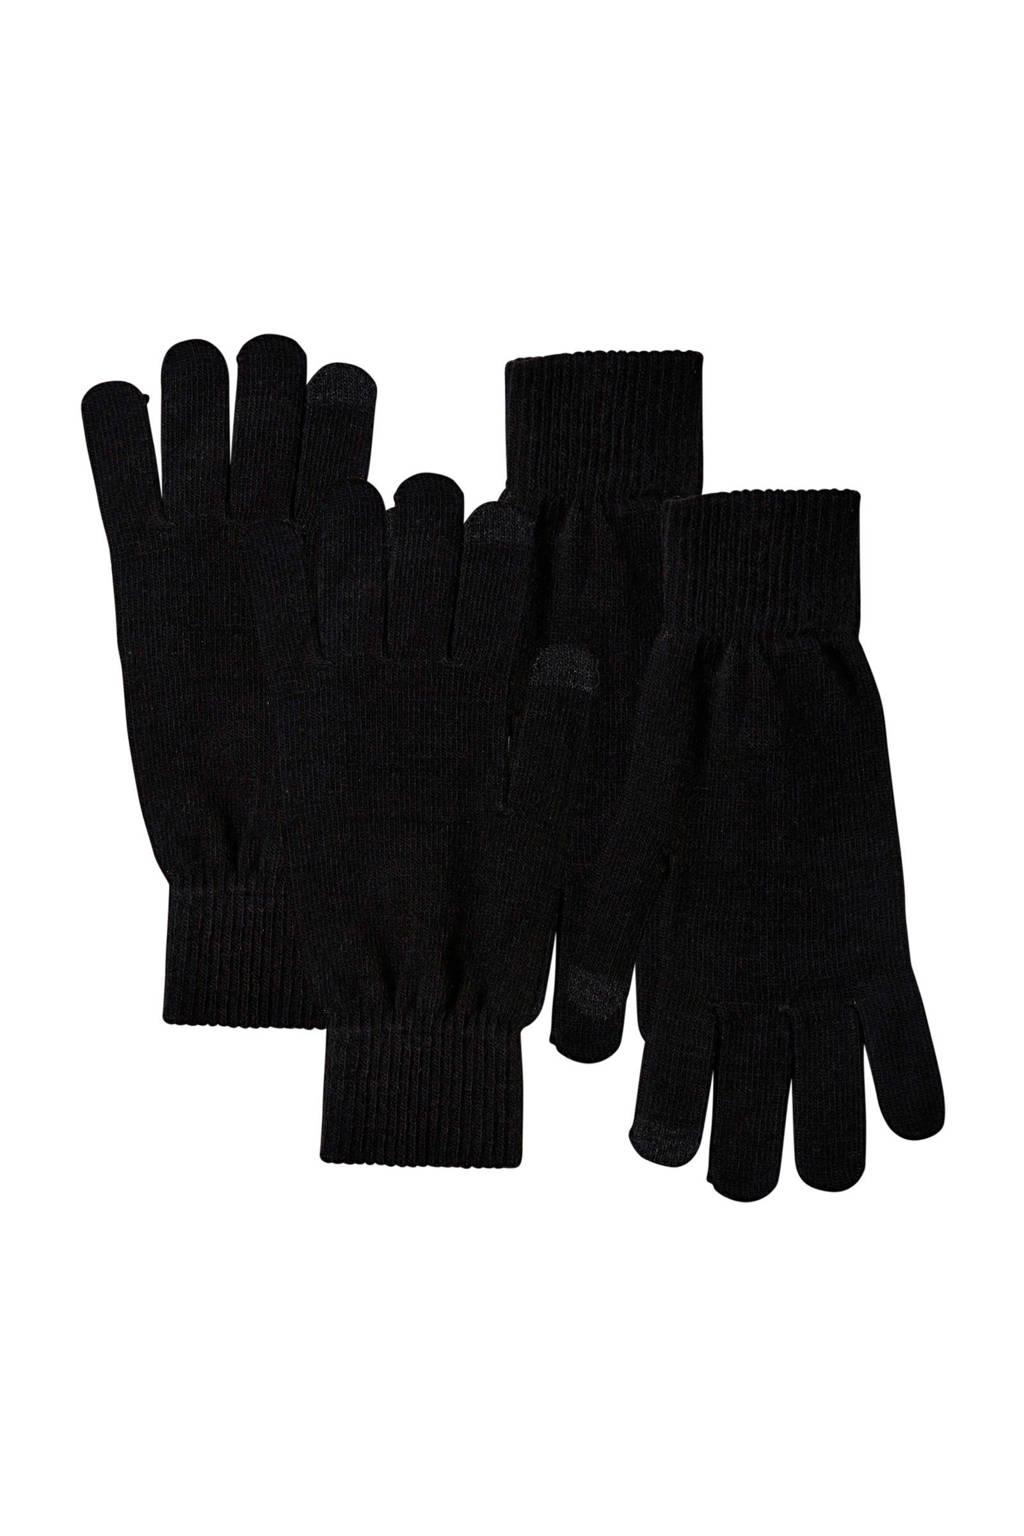 Sarlini handschoenen - set van 2 zwart, Zwart